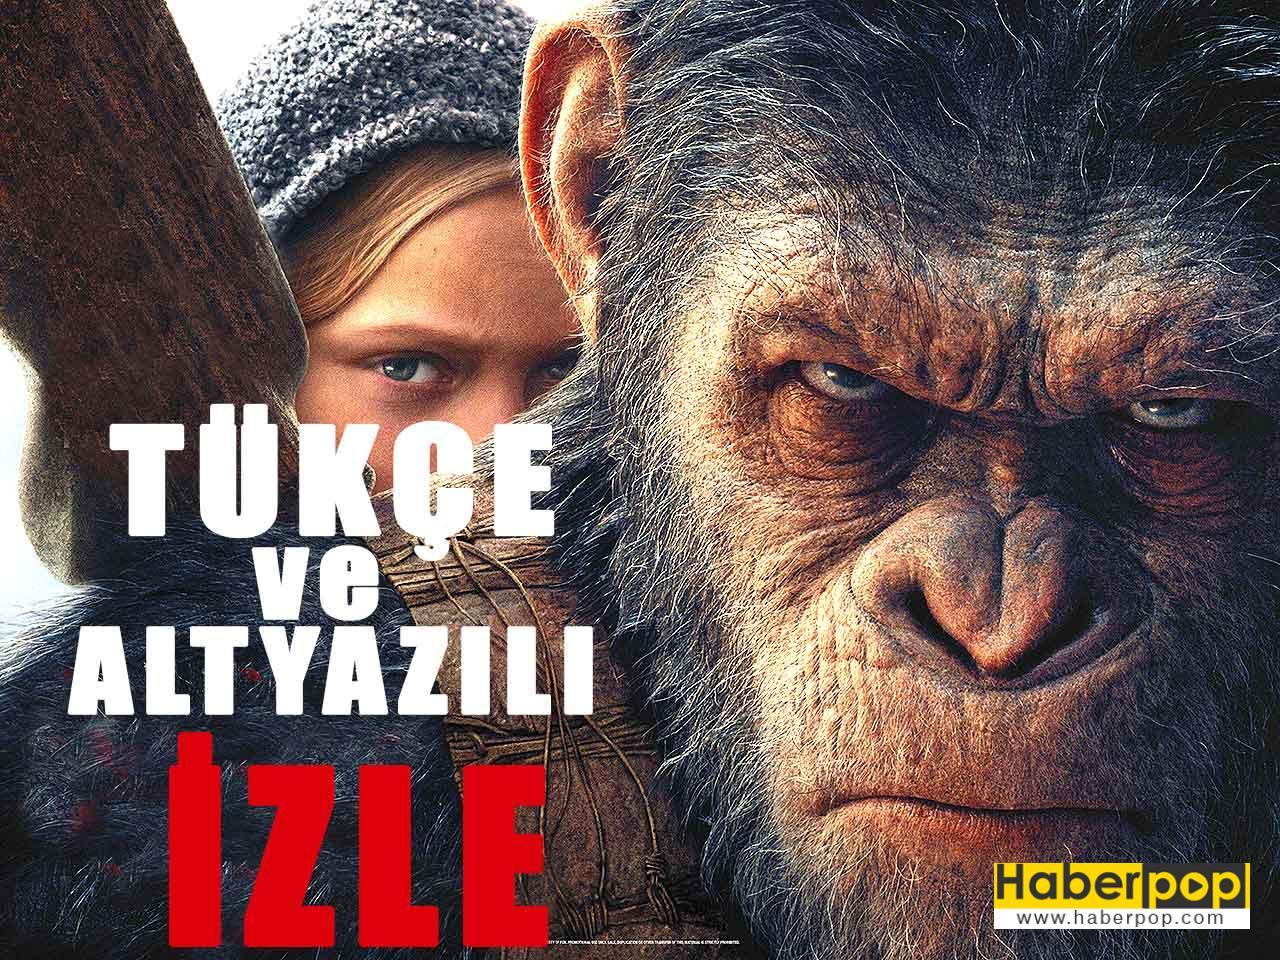 Maymunlar Cehennemi Savas Izle Indir Turkce Altyazili Hd Haberpop